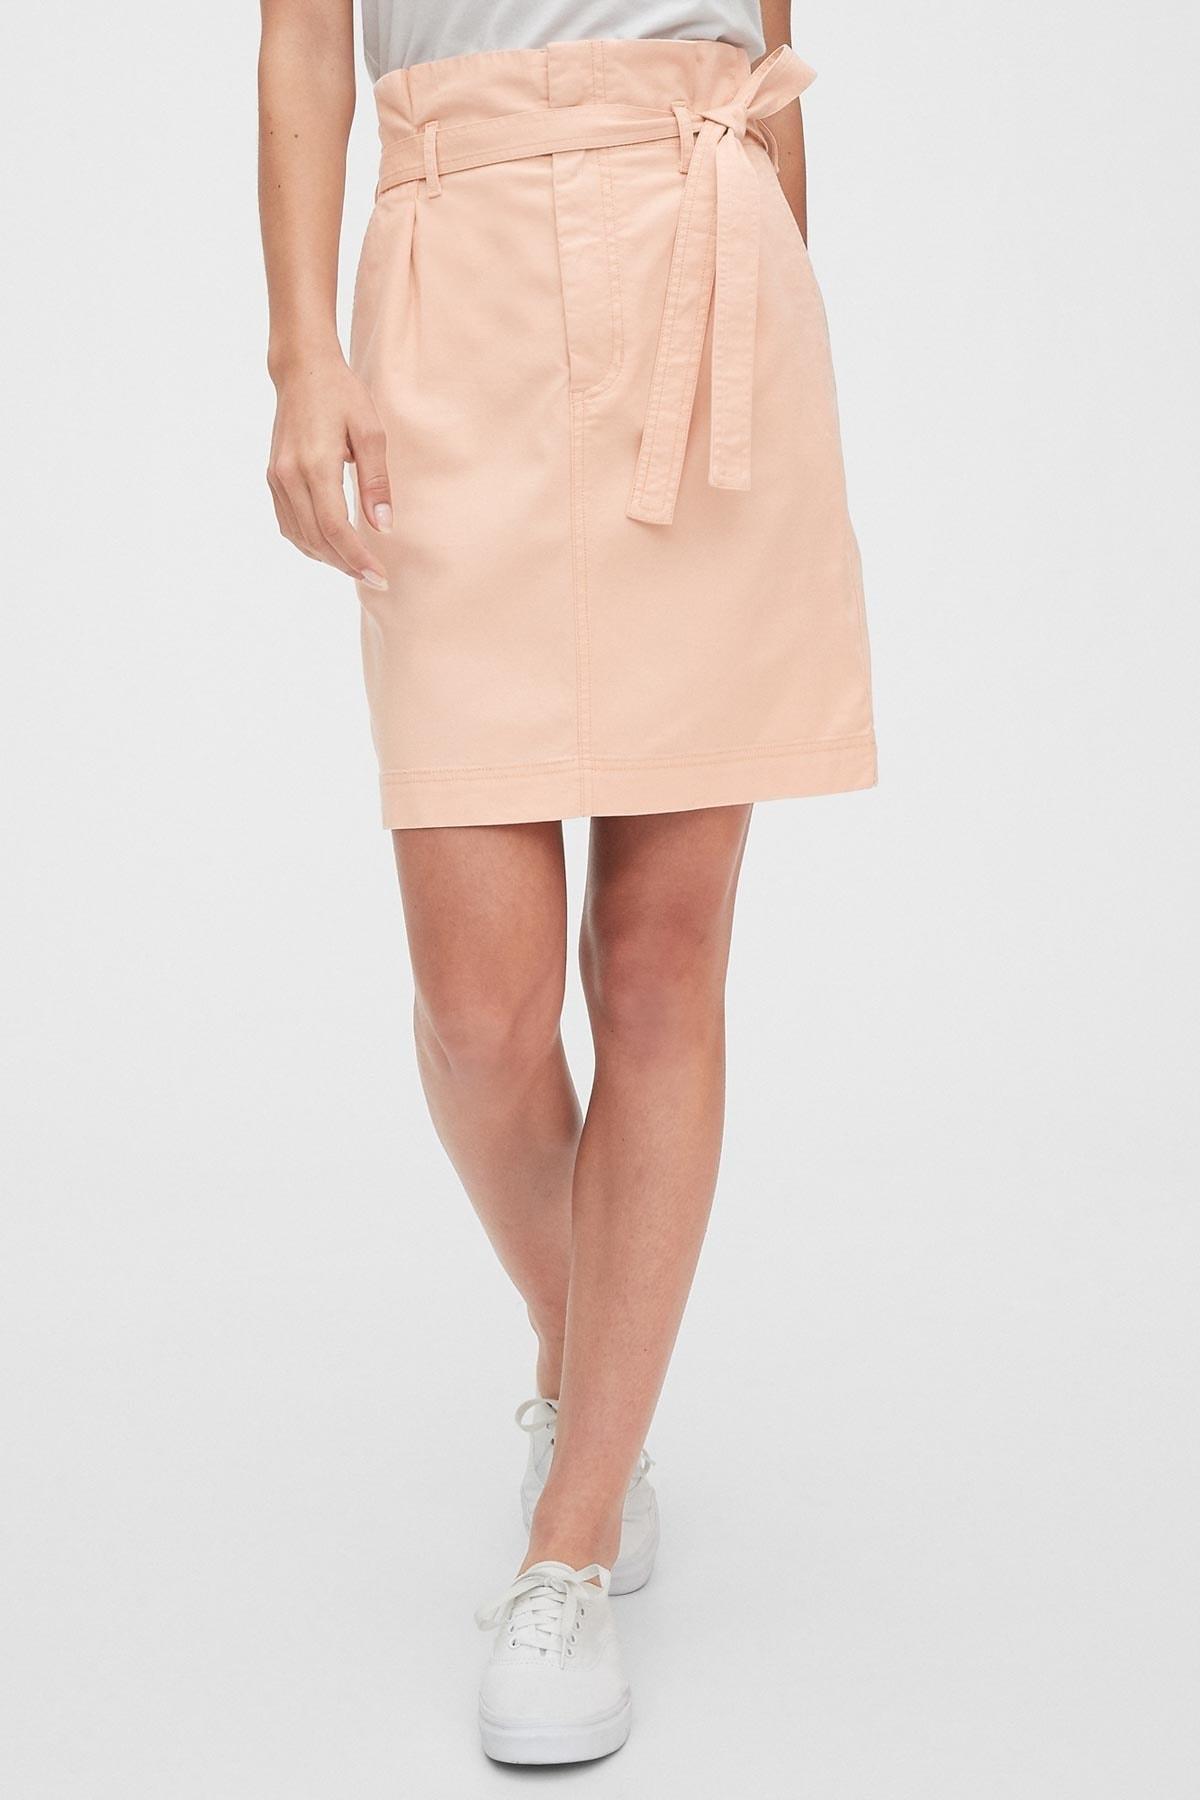 GAP Kadın TENCEL™ Paperbag Mini Etek 542519 1